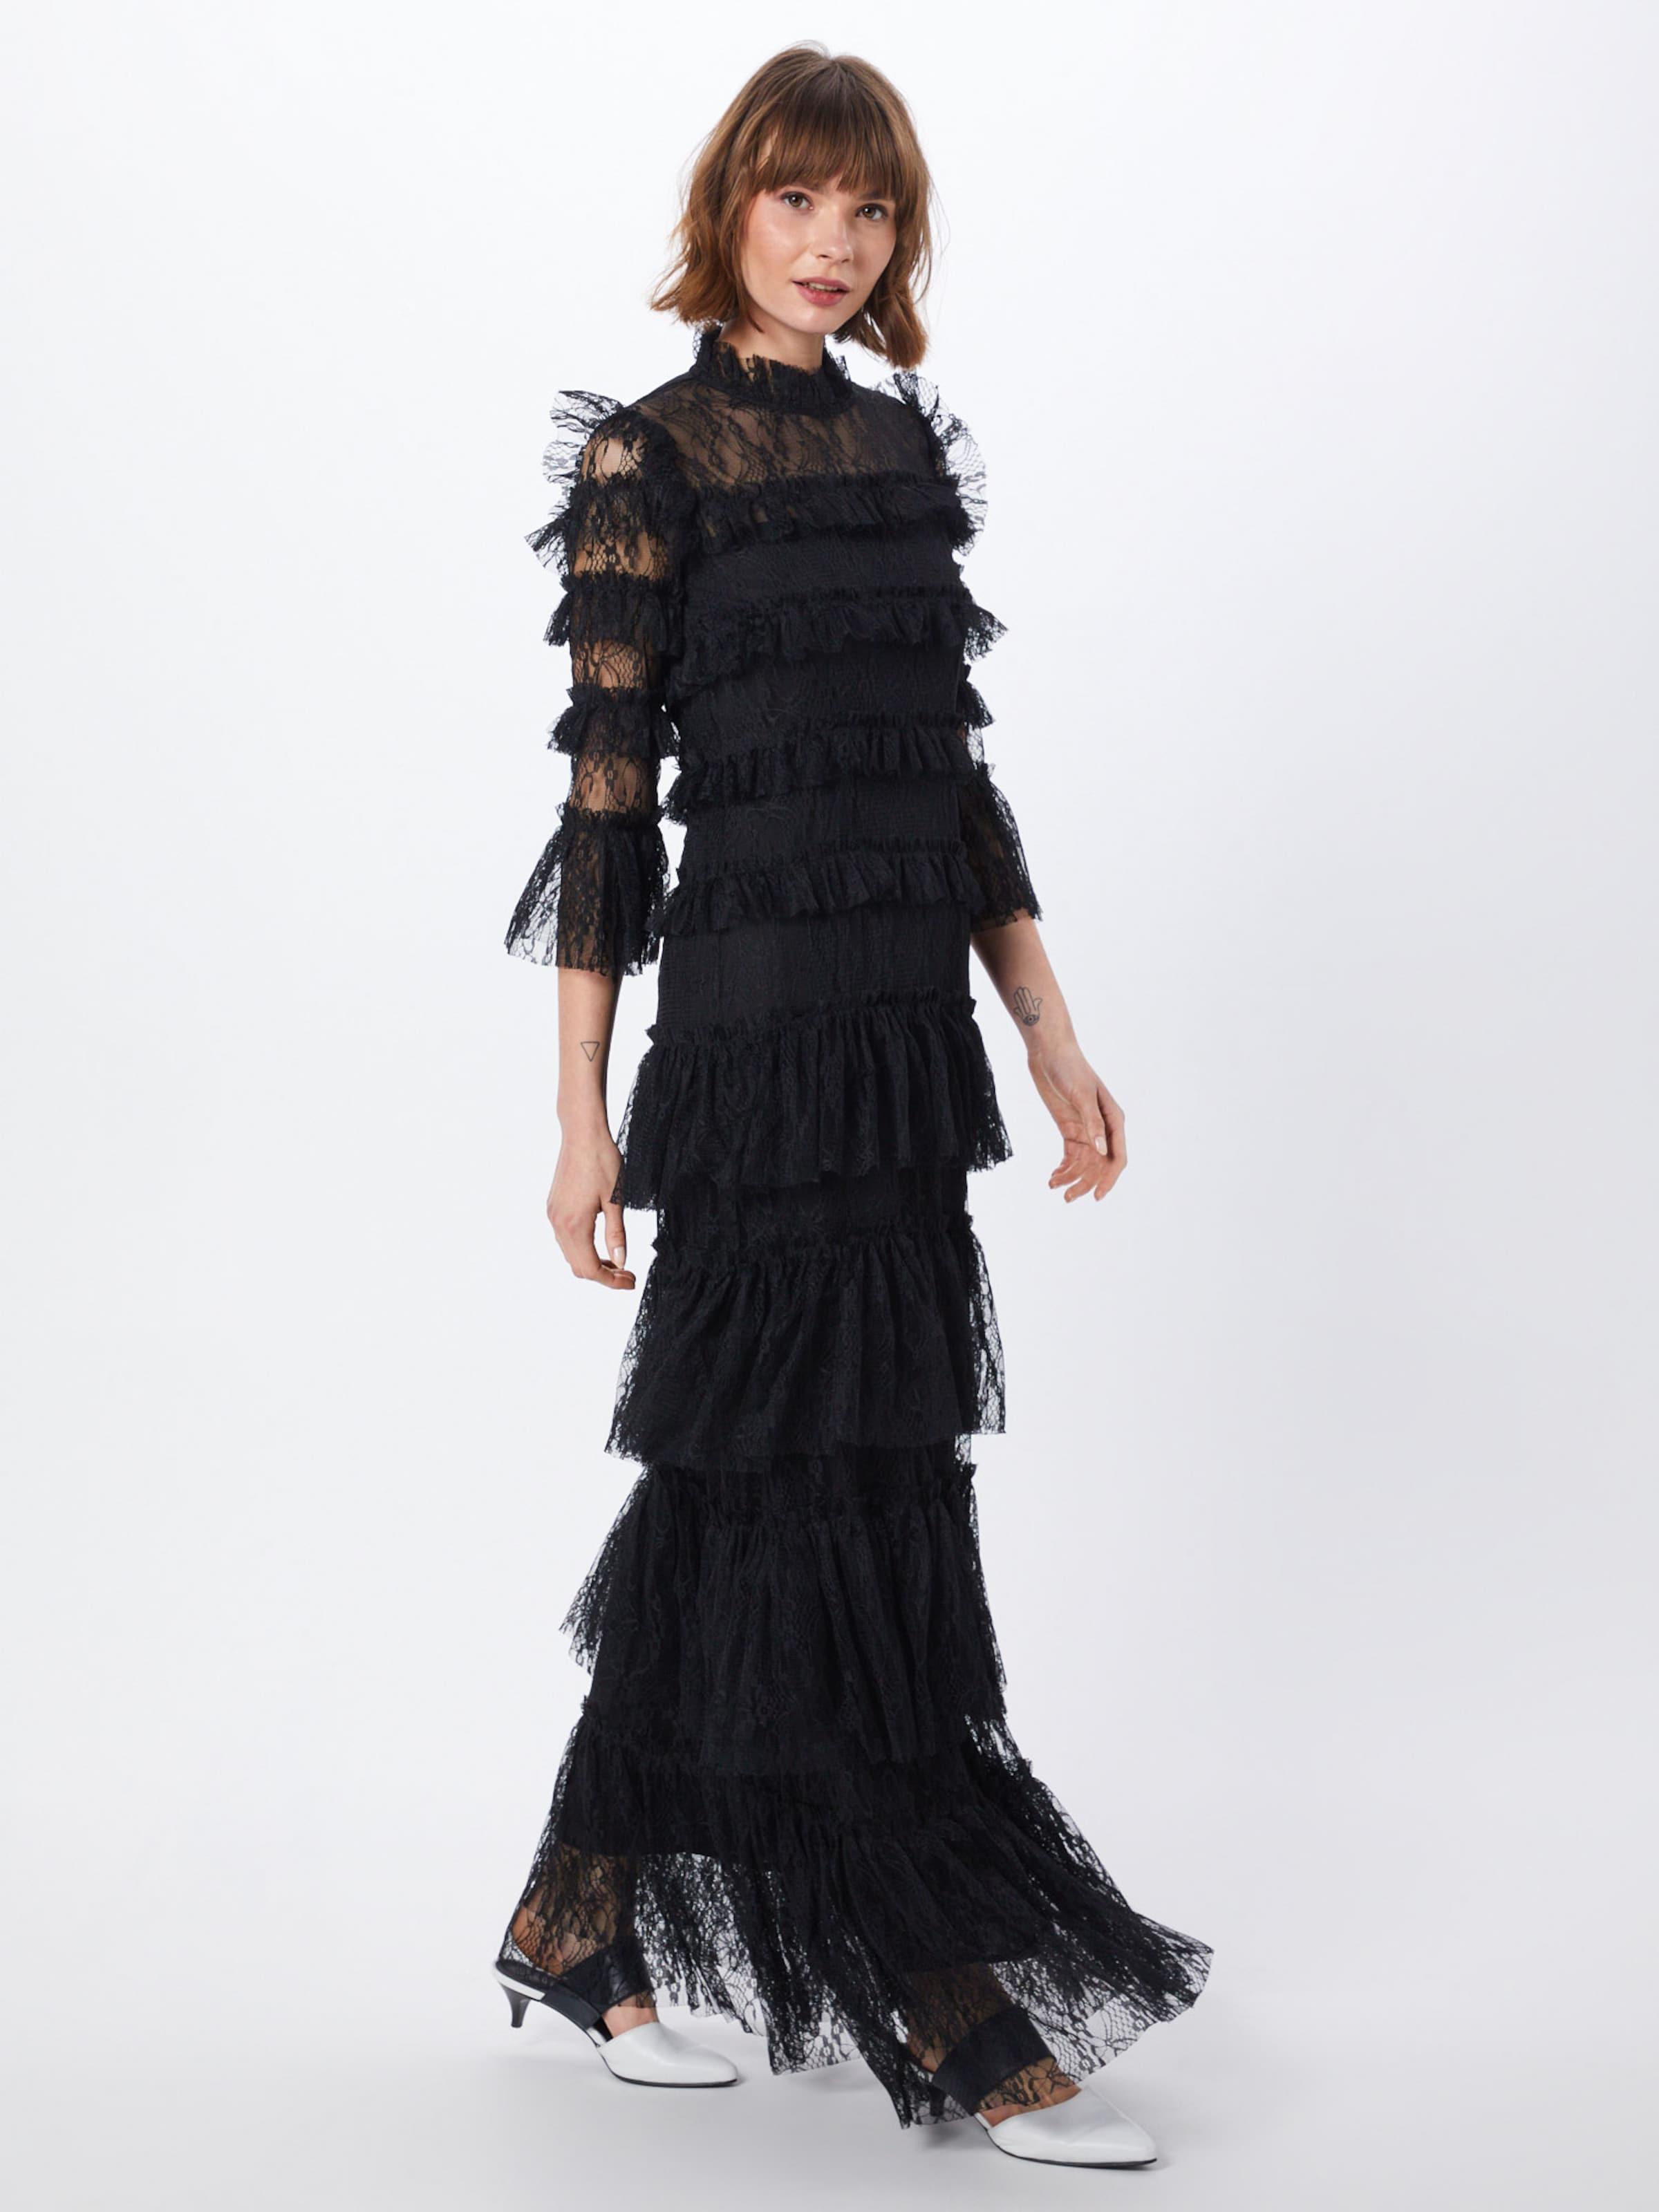 Kleid Malina 'carmine' By Schwarz In YWDeE9IH2